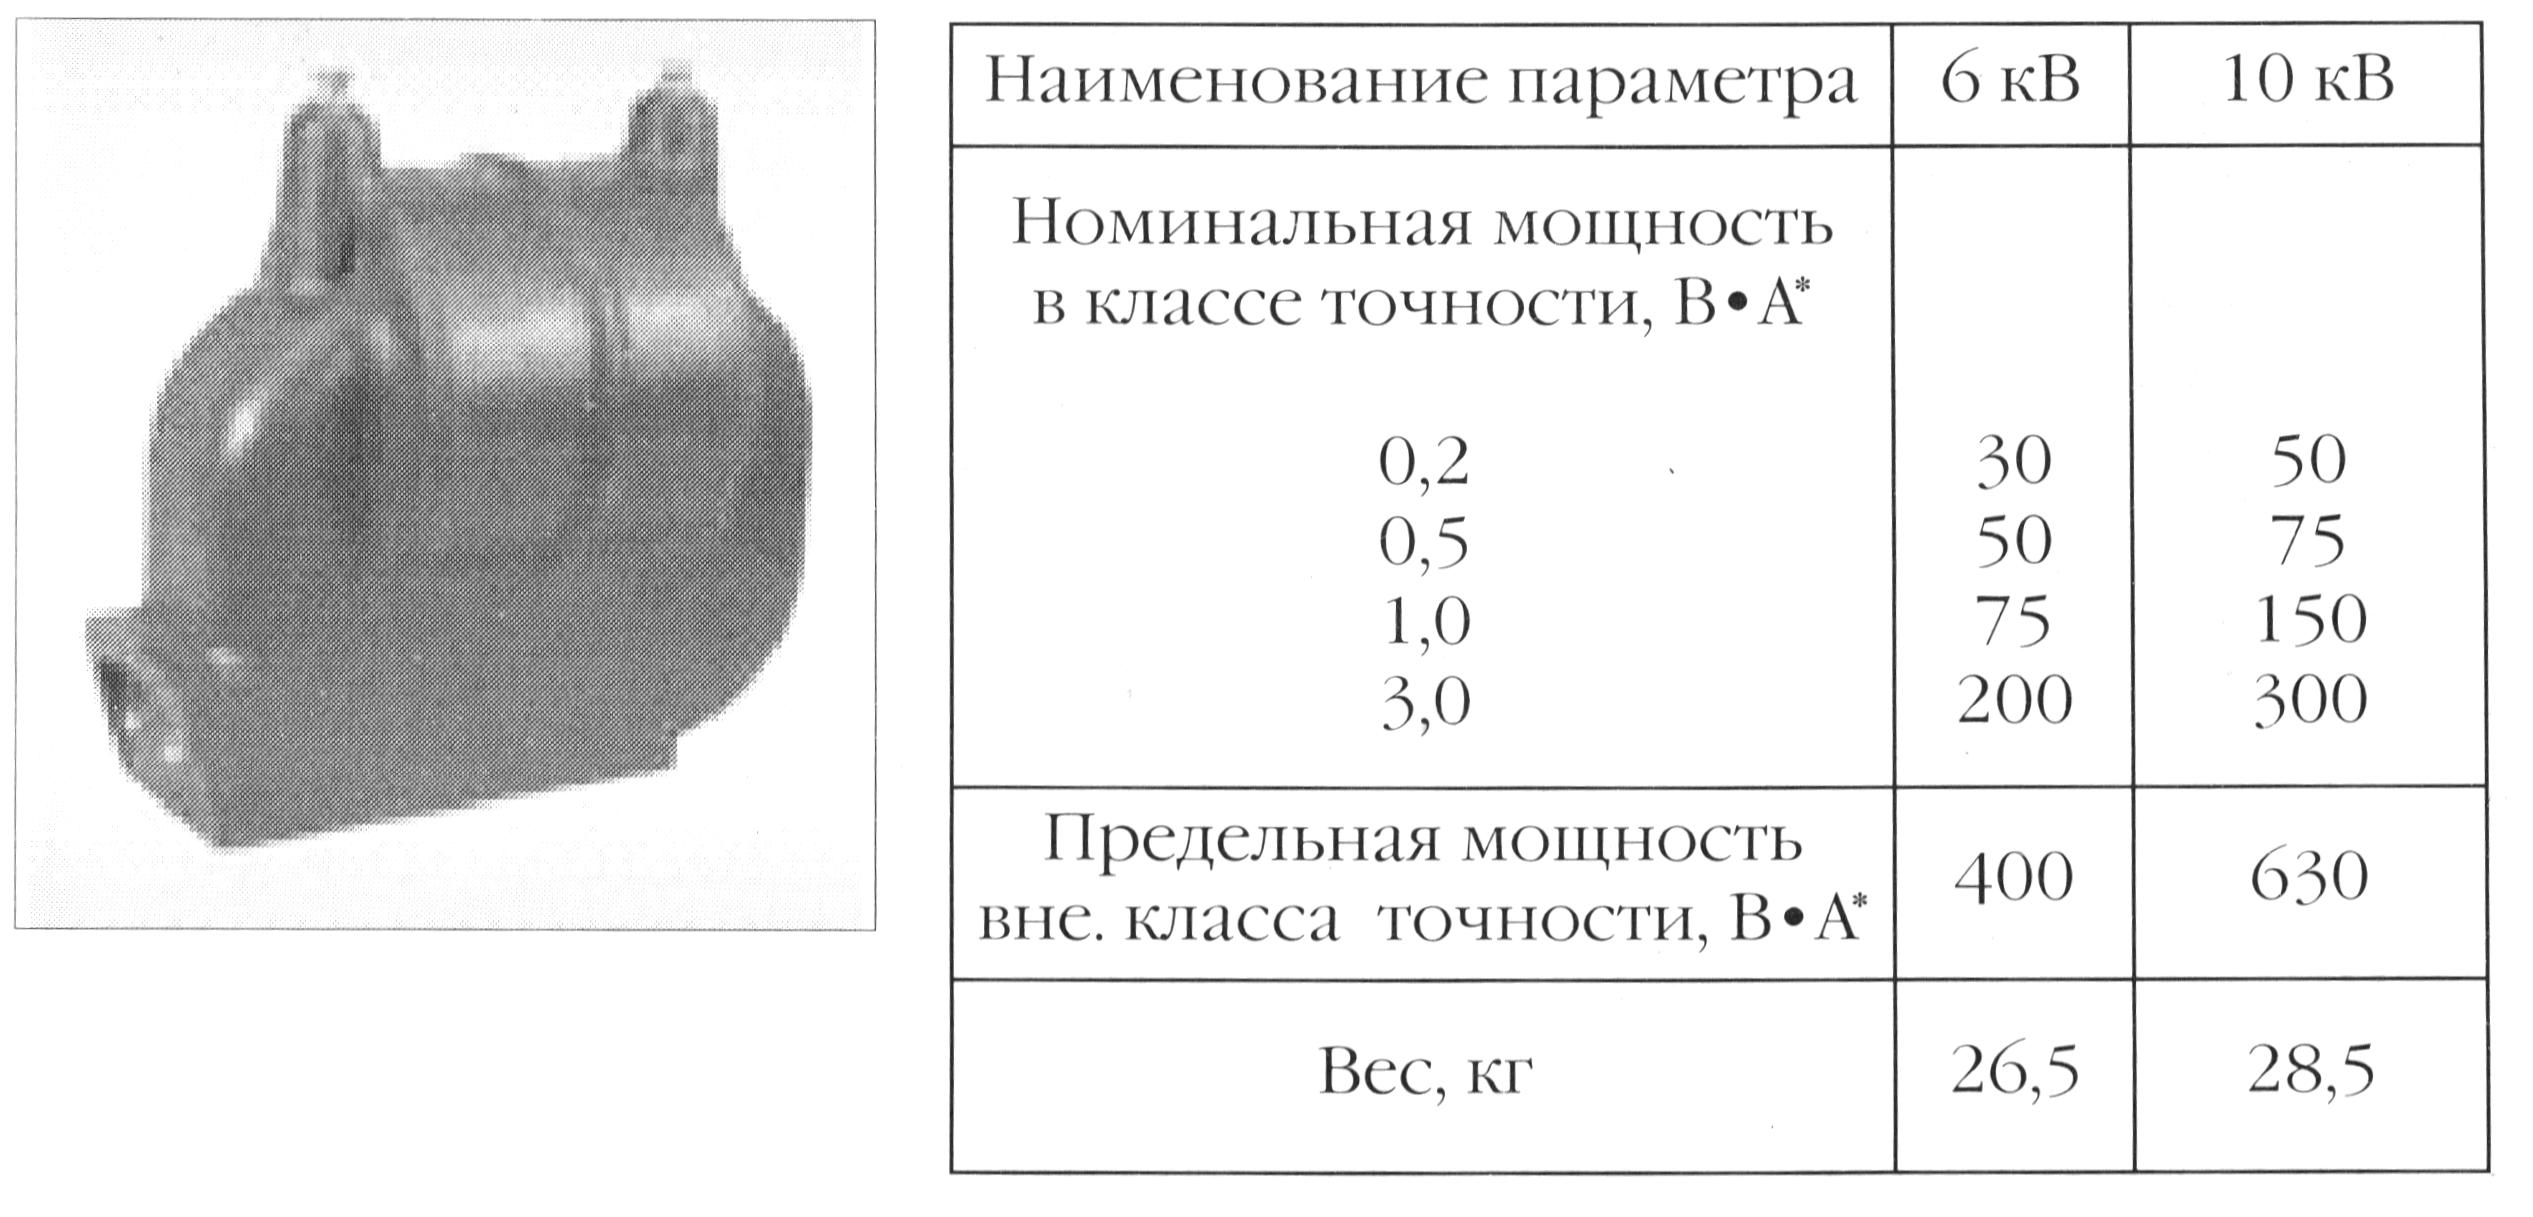 Однофазный трансформатор напряжения с литой изоляцией типа НОЛ.0.8.- номинальная и предельная мощность, вес